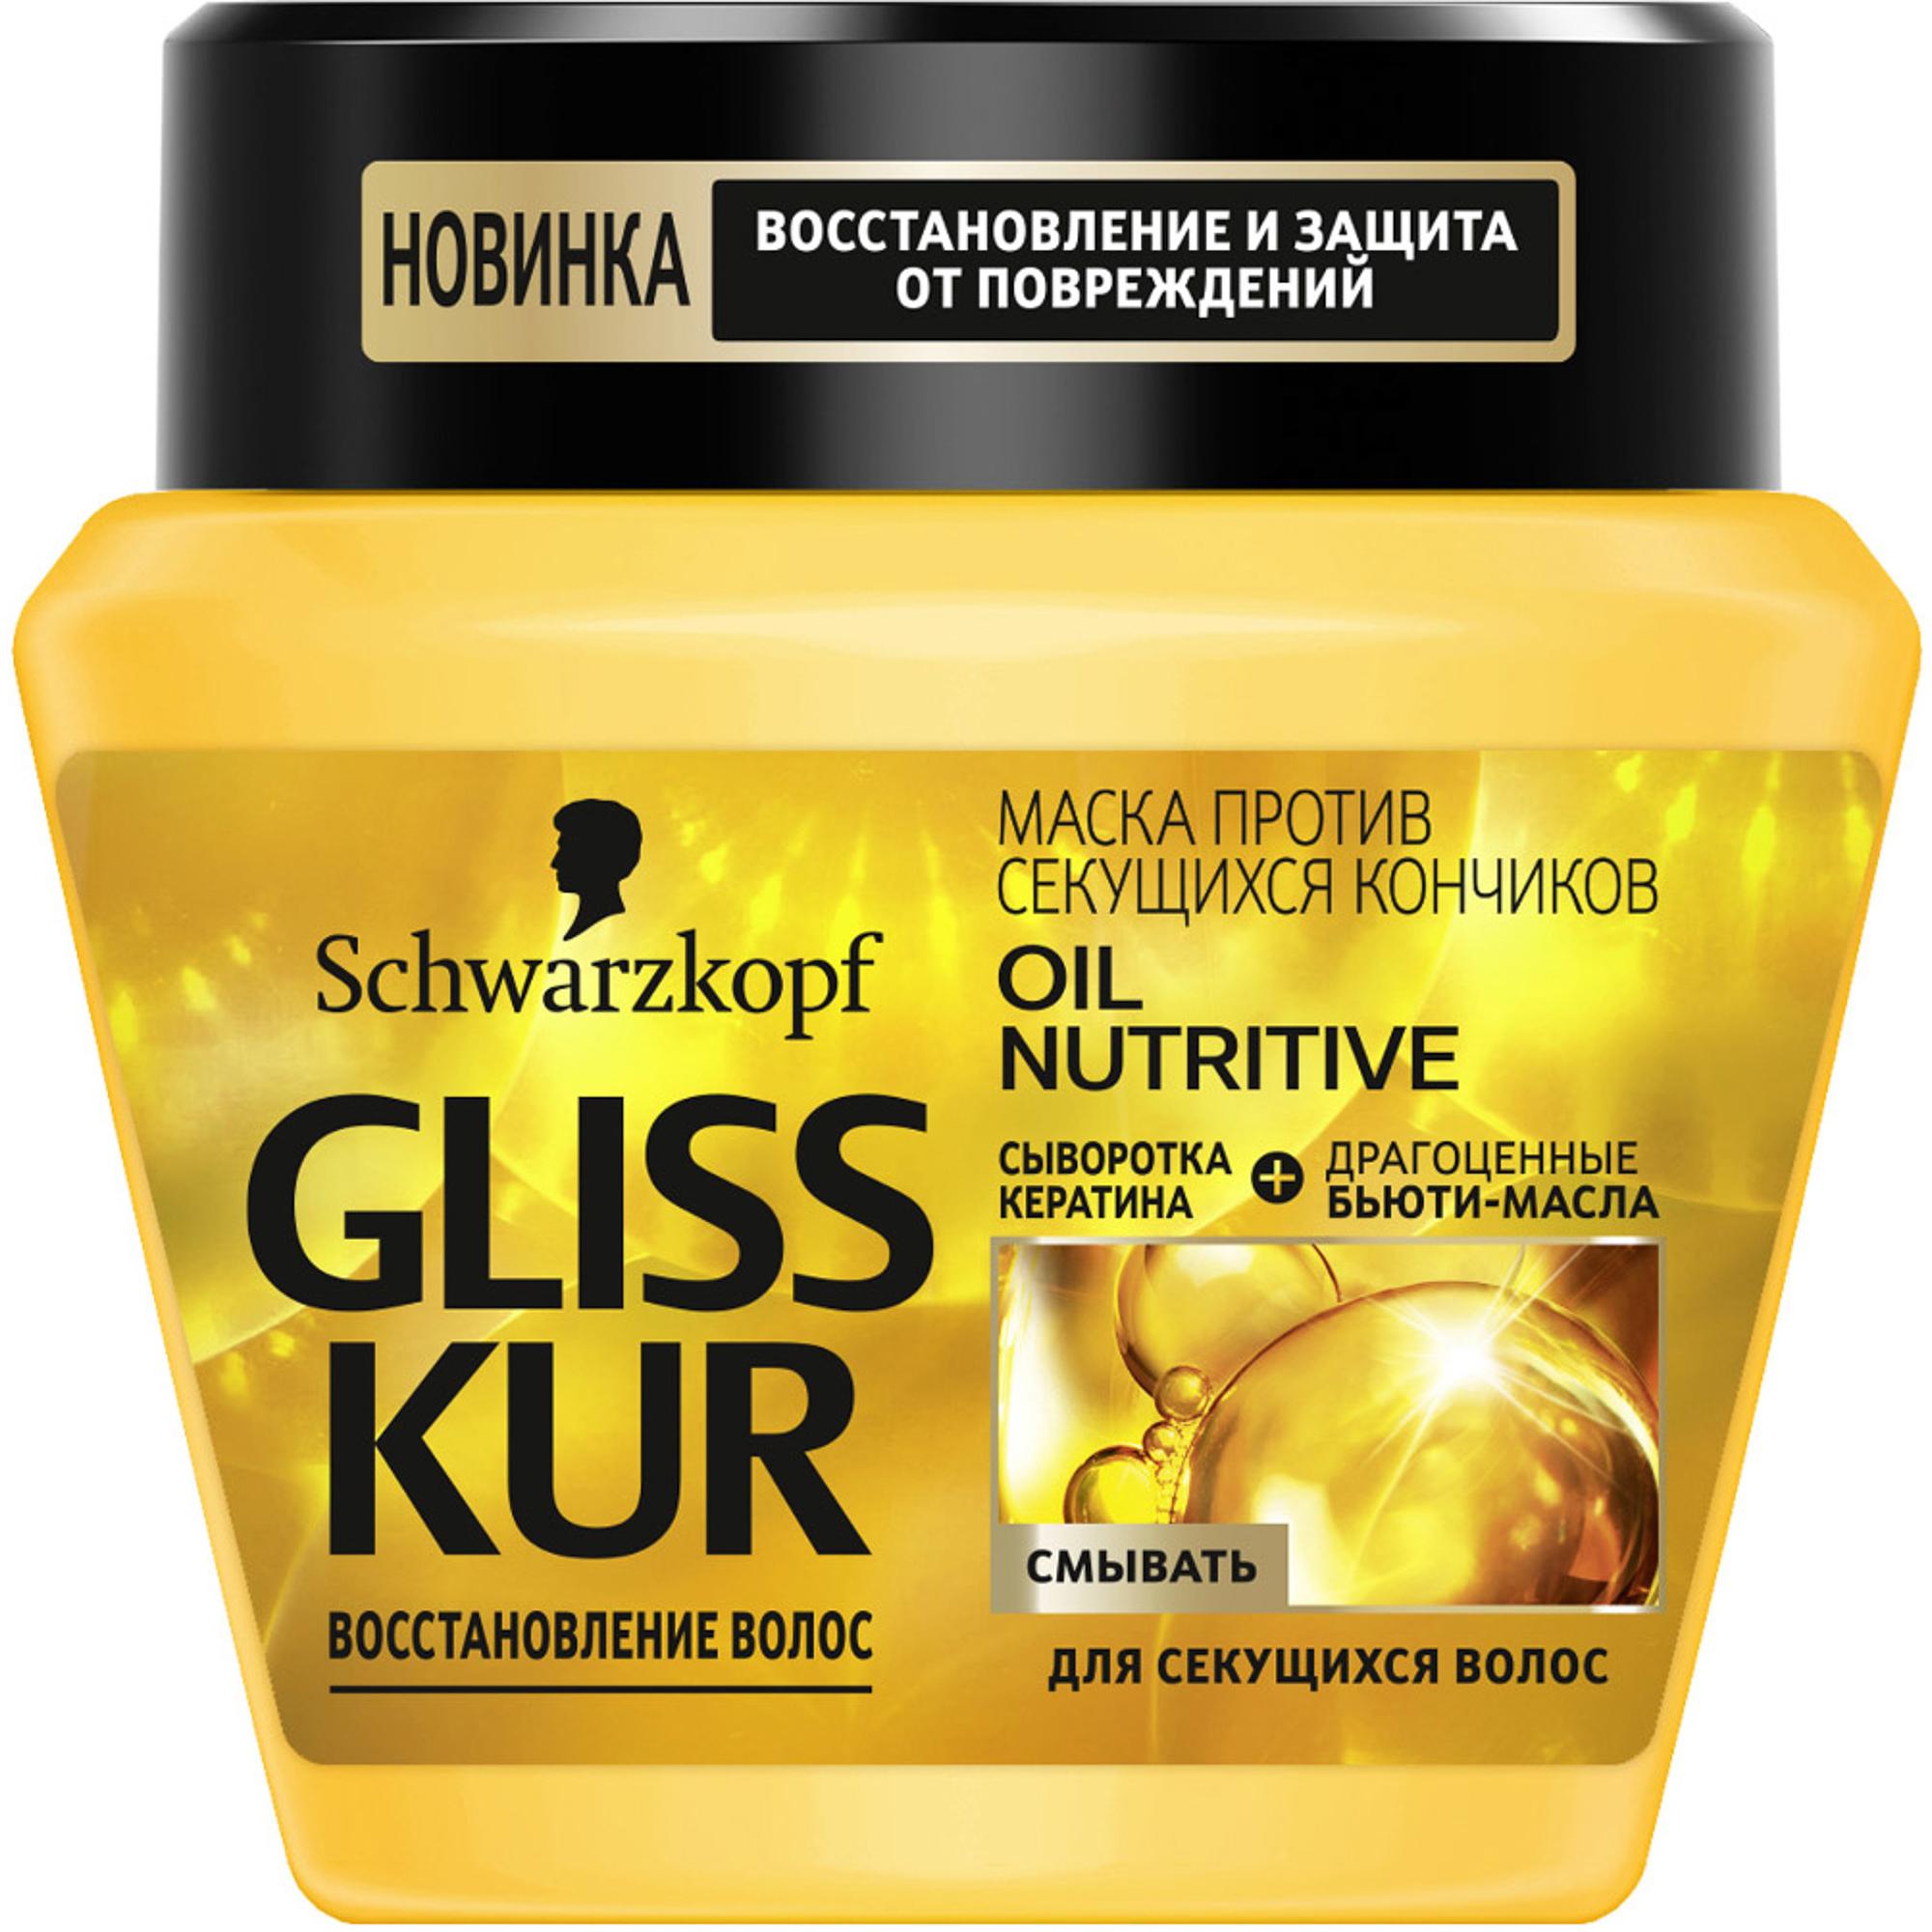 Маска Gliss Kur Oil Nutritive Для сухих, поврежденных волос с секущимися кончиками 300 мл gliss kur бальзам oil nutritive 200 мл